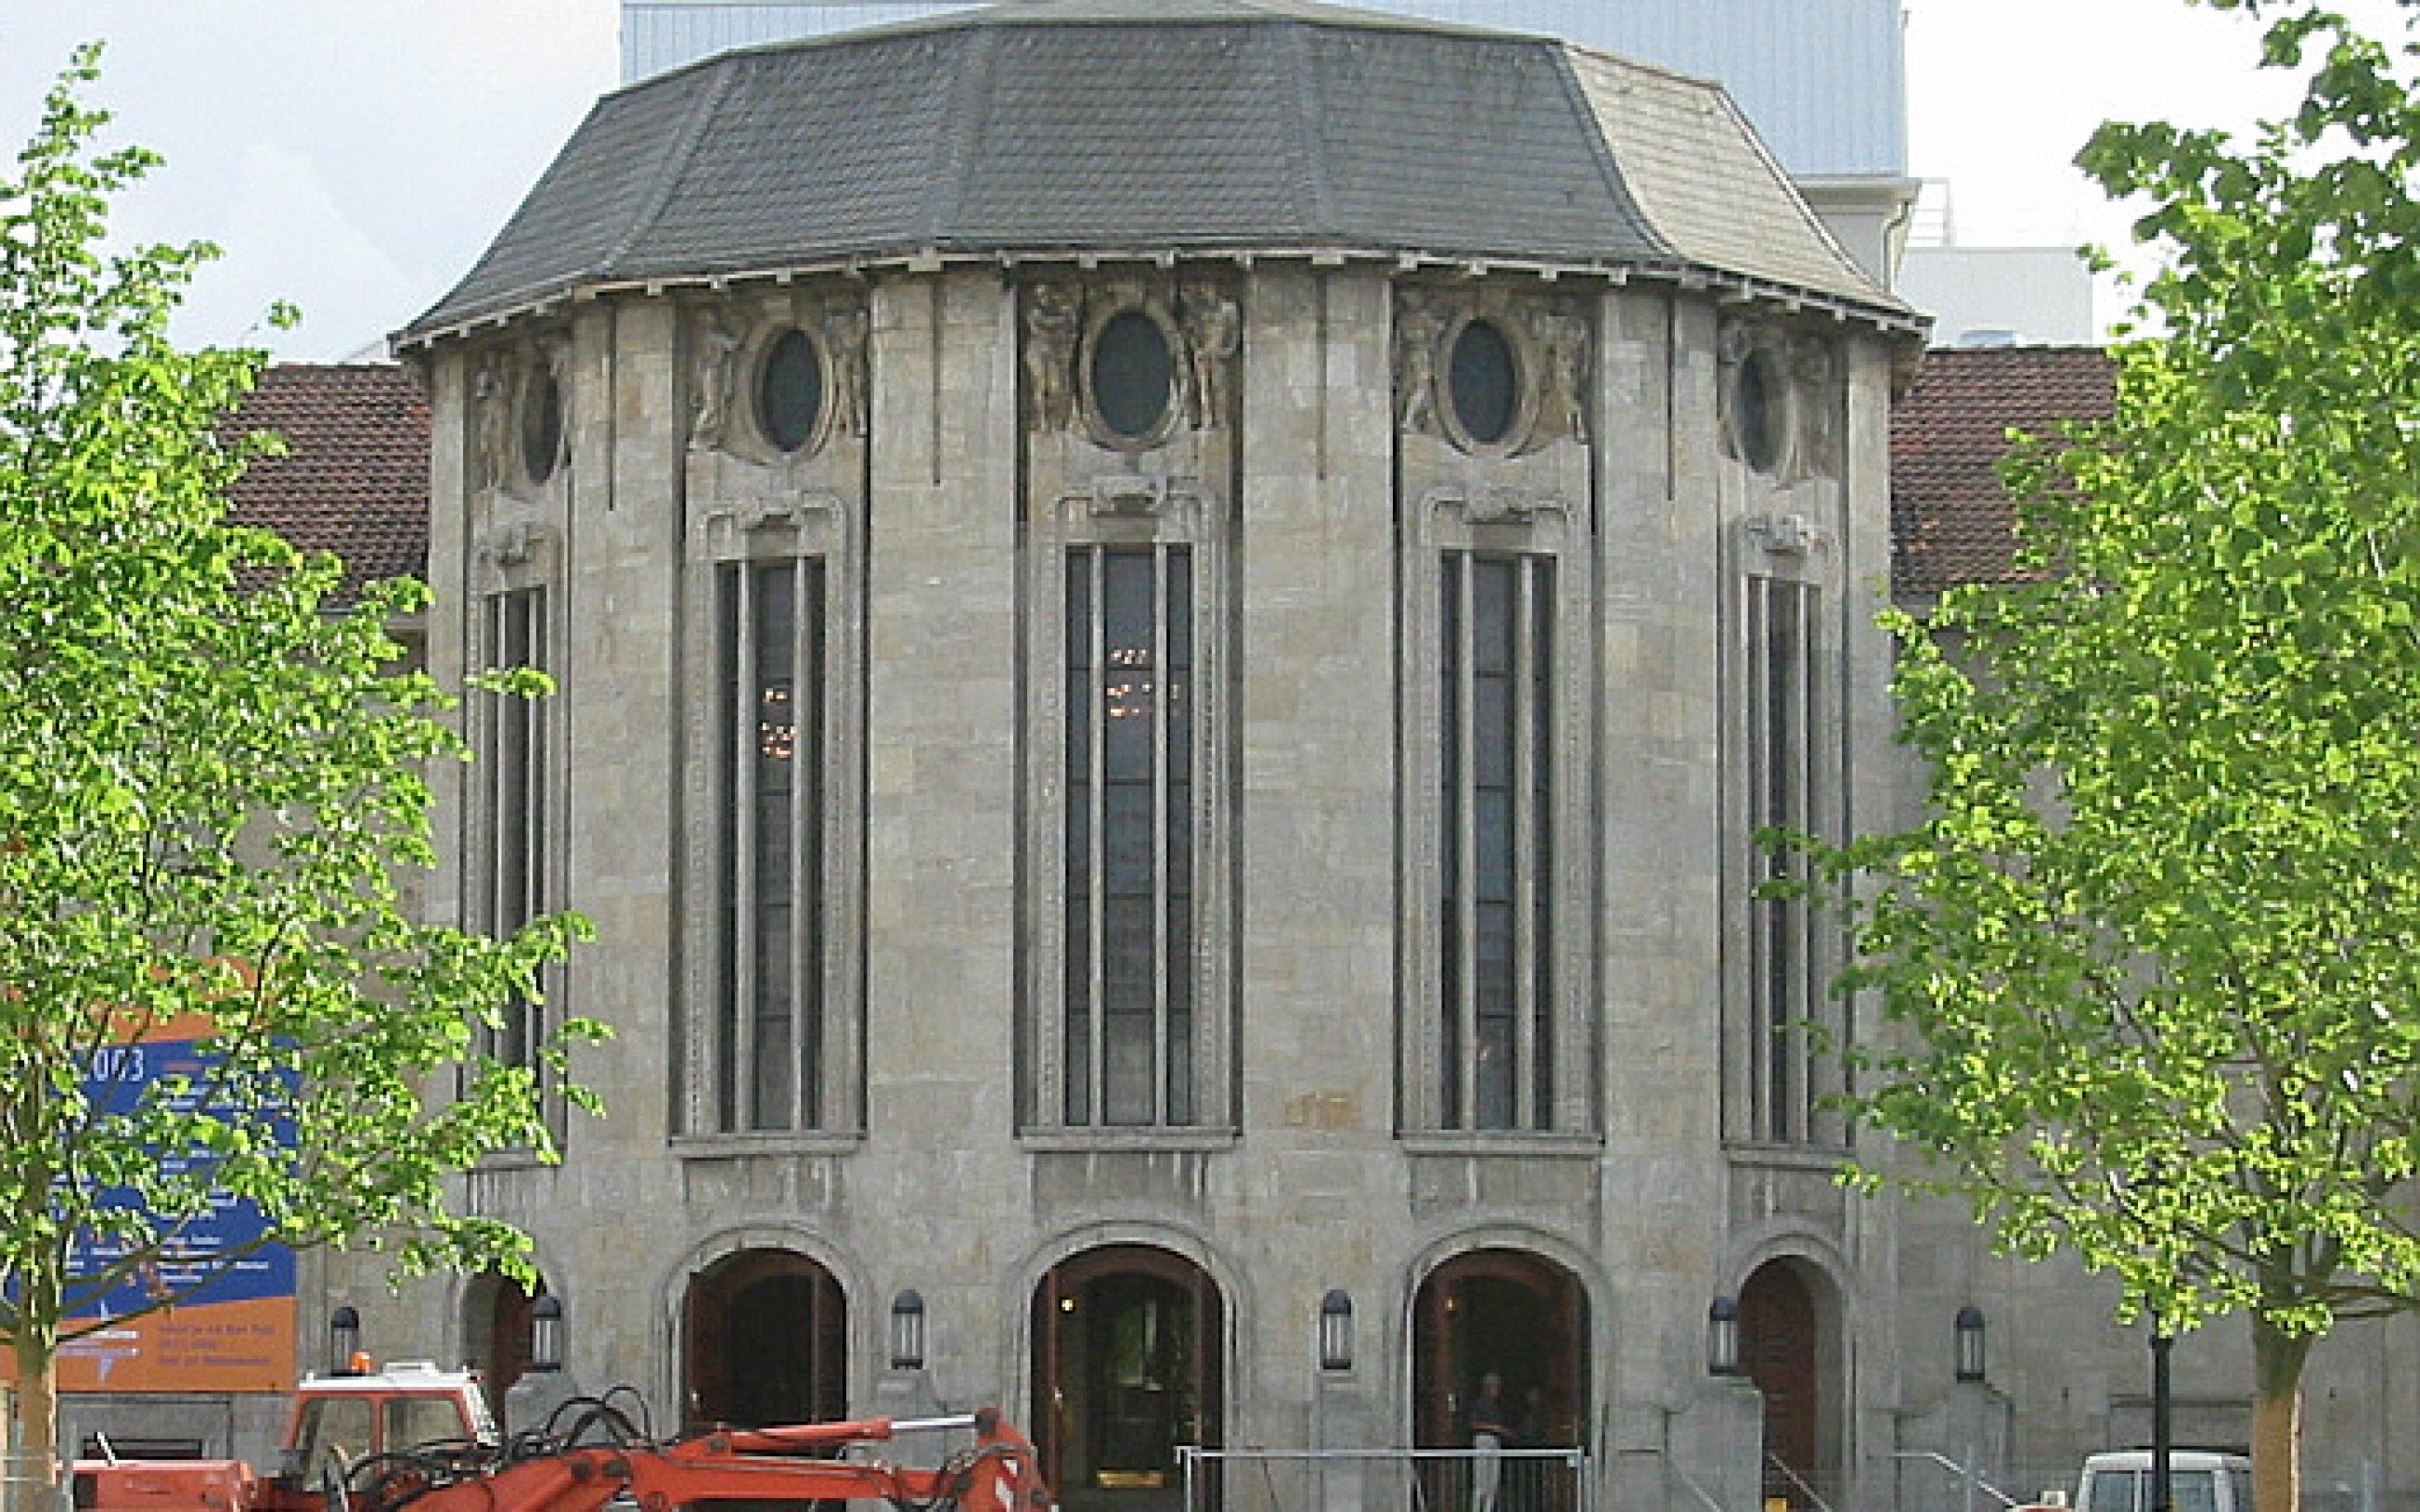 Bremerhaven, Germany: Stadttheater (municipal theatre) Das abgebildete Objekt ist ein geschütztes Kulturdenkmal in